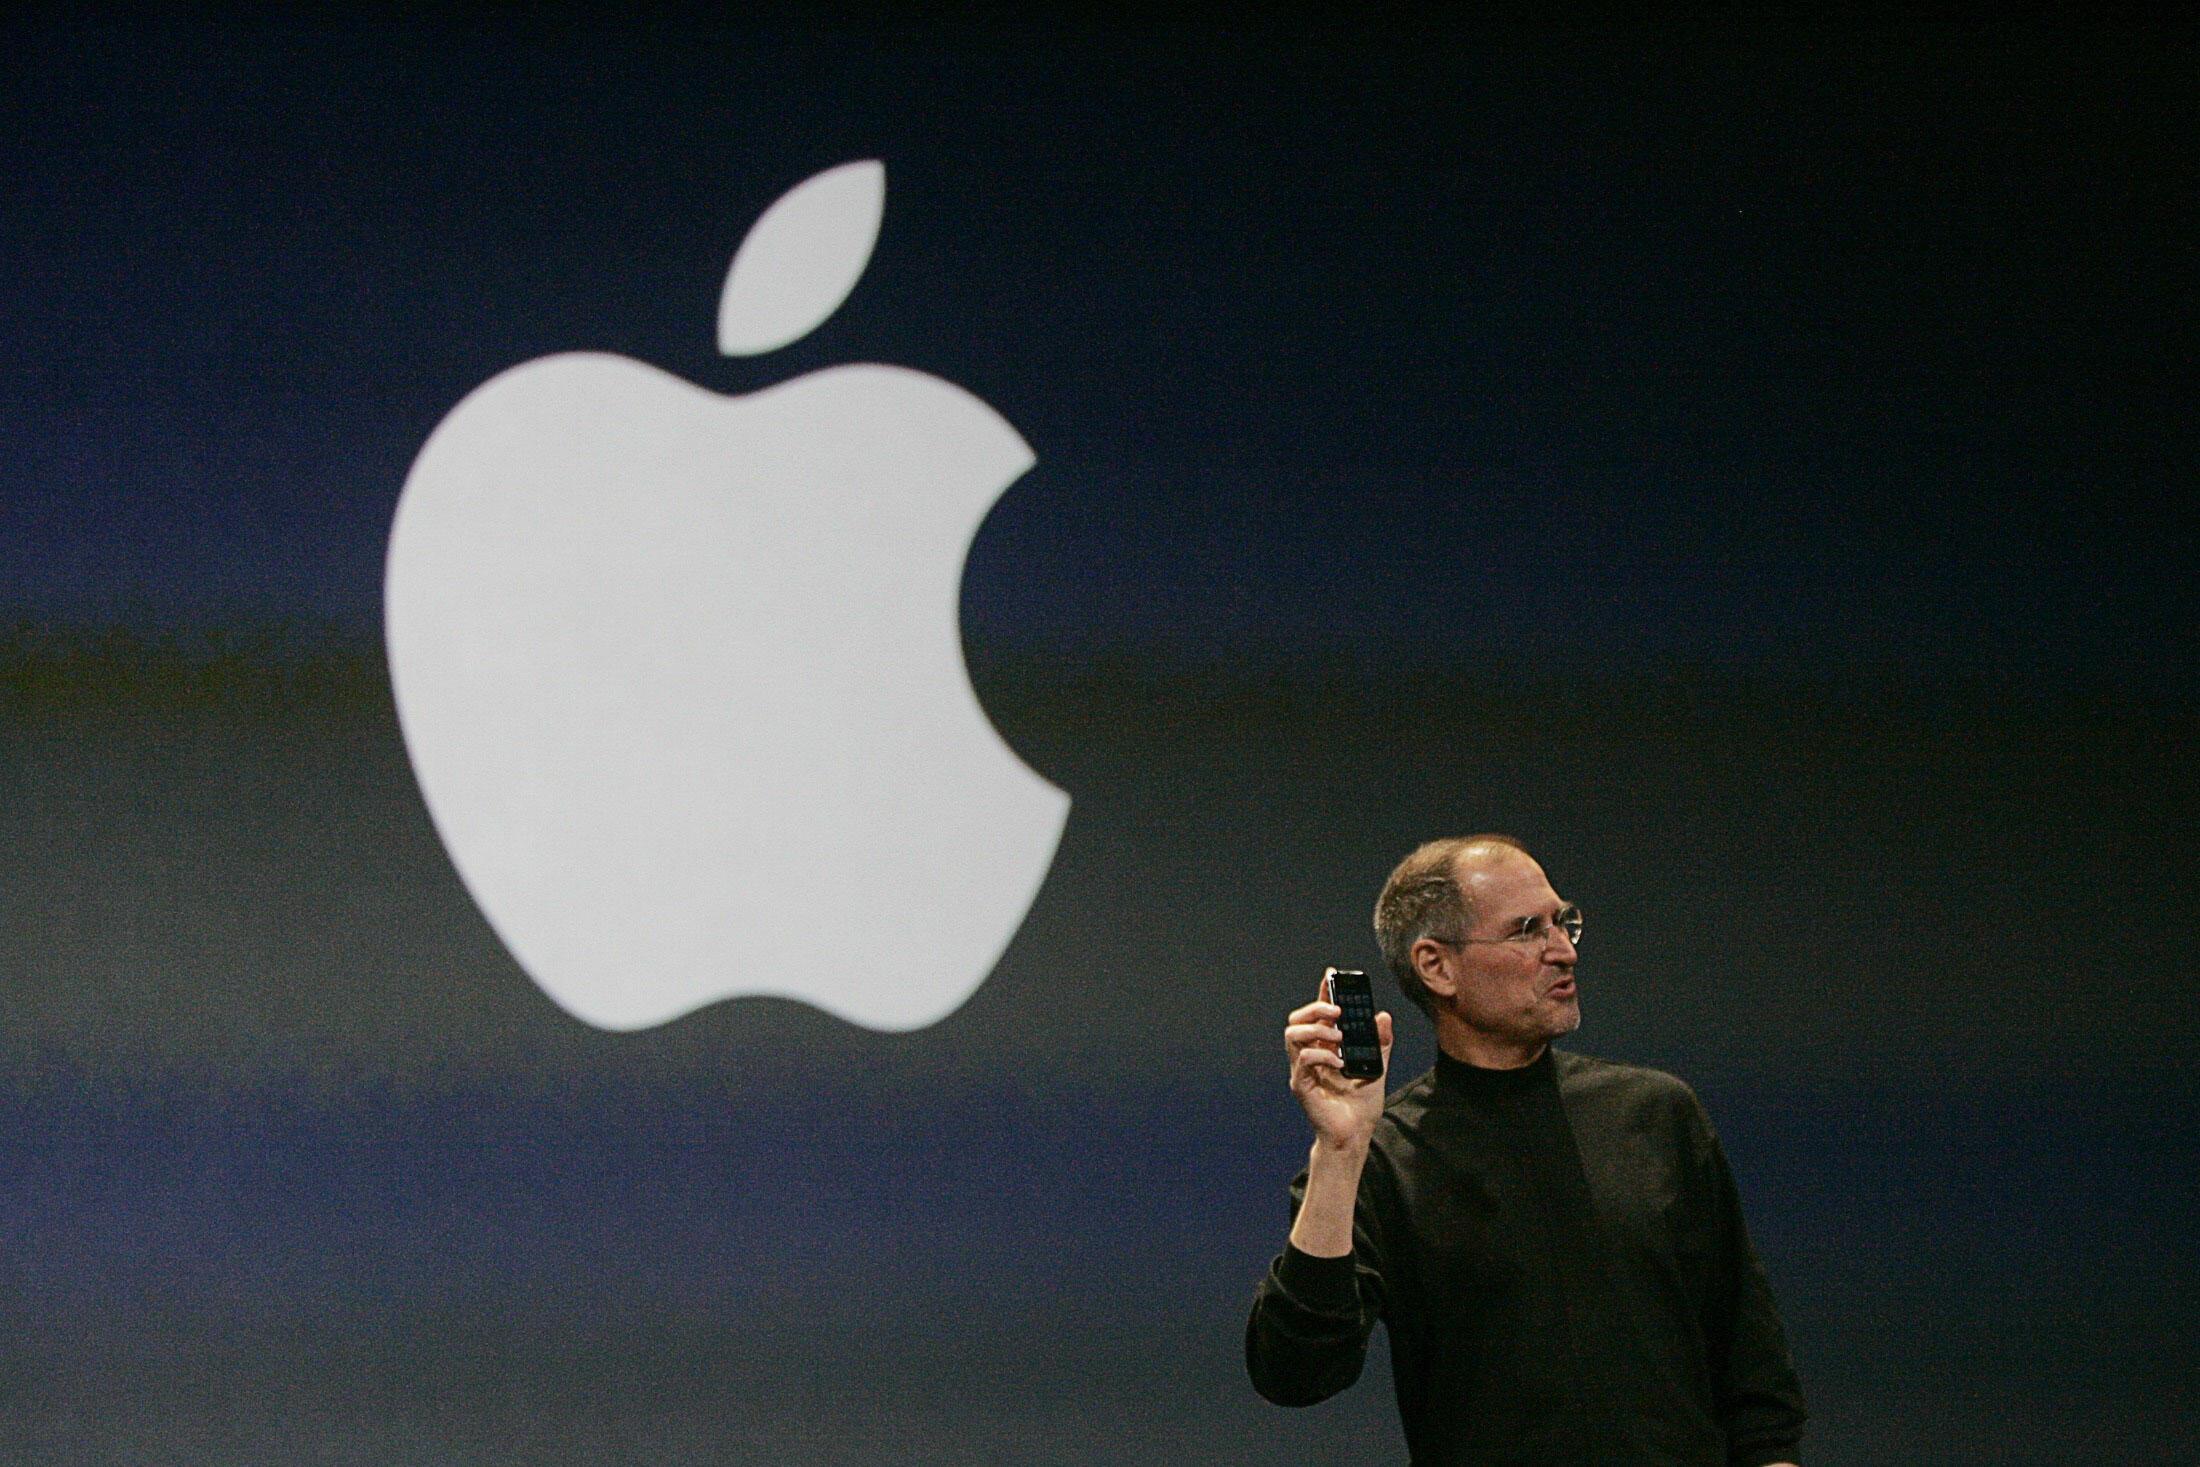 Steve Jobs giới thiệu mẫu iPhone mới tại San Francisco, California ngày 09/01/2007.